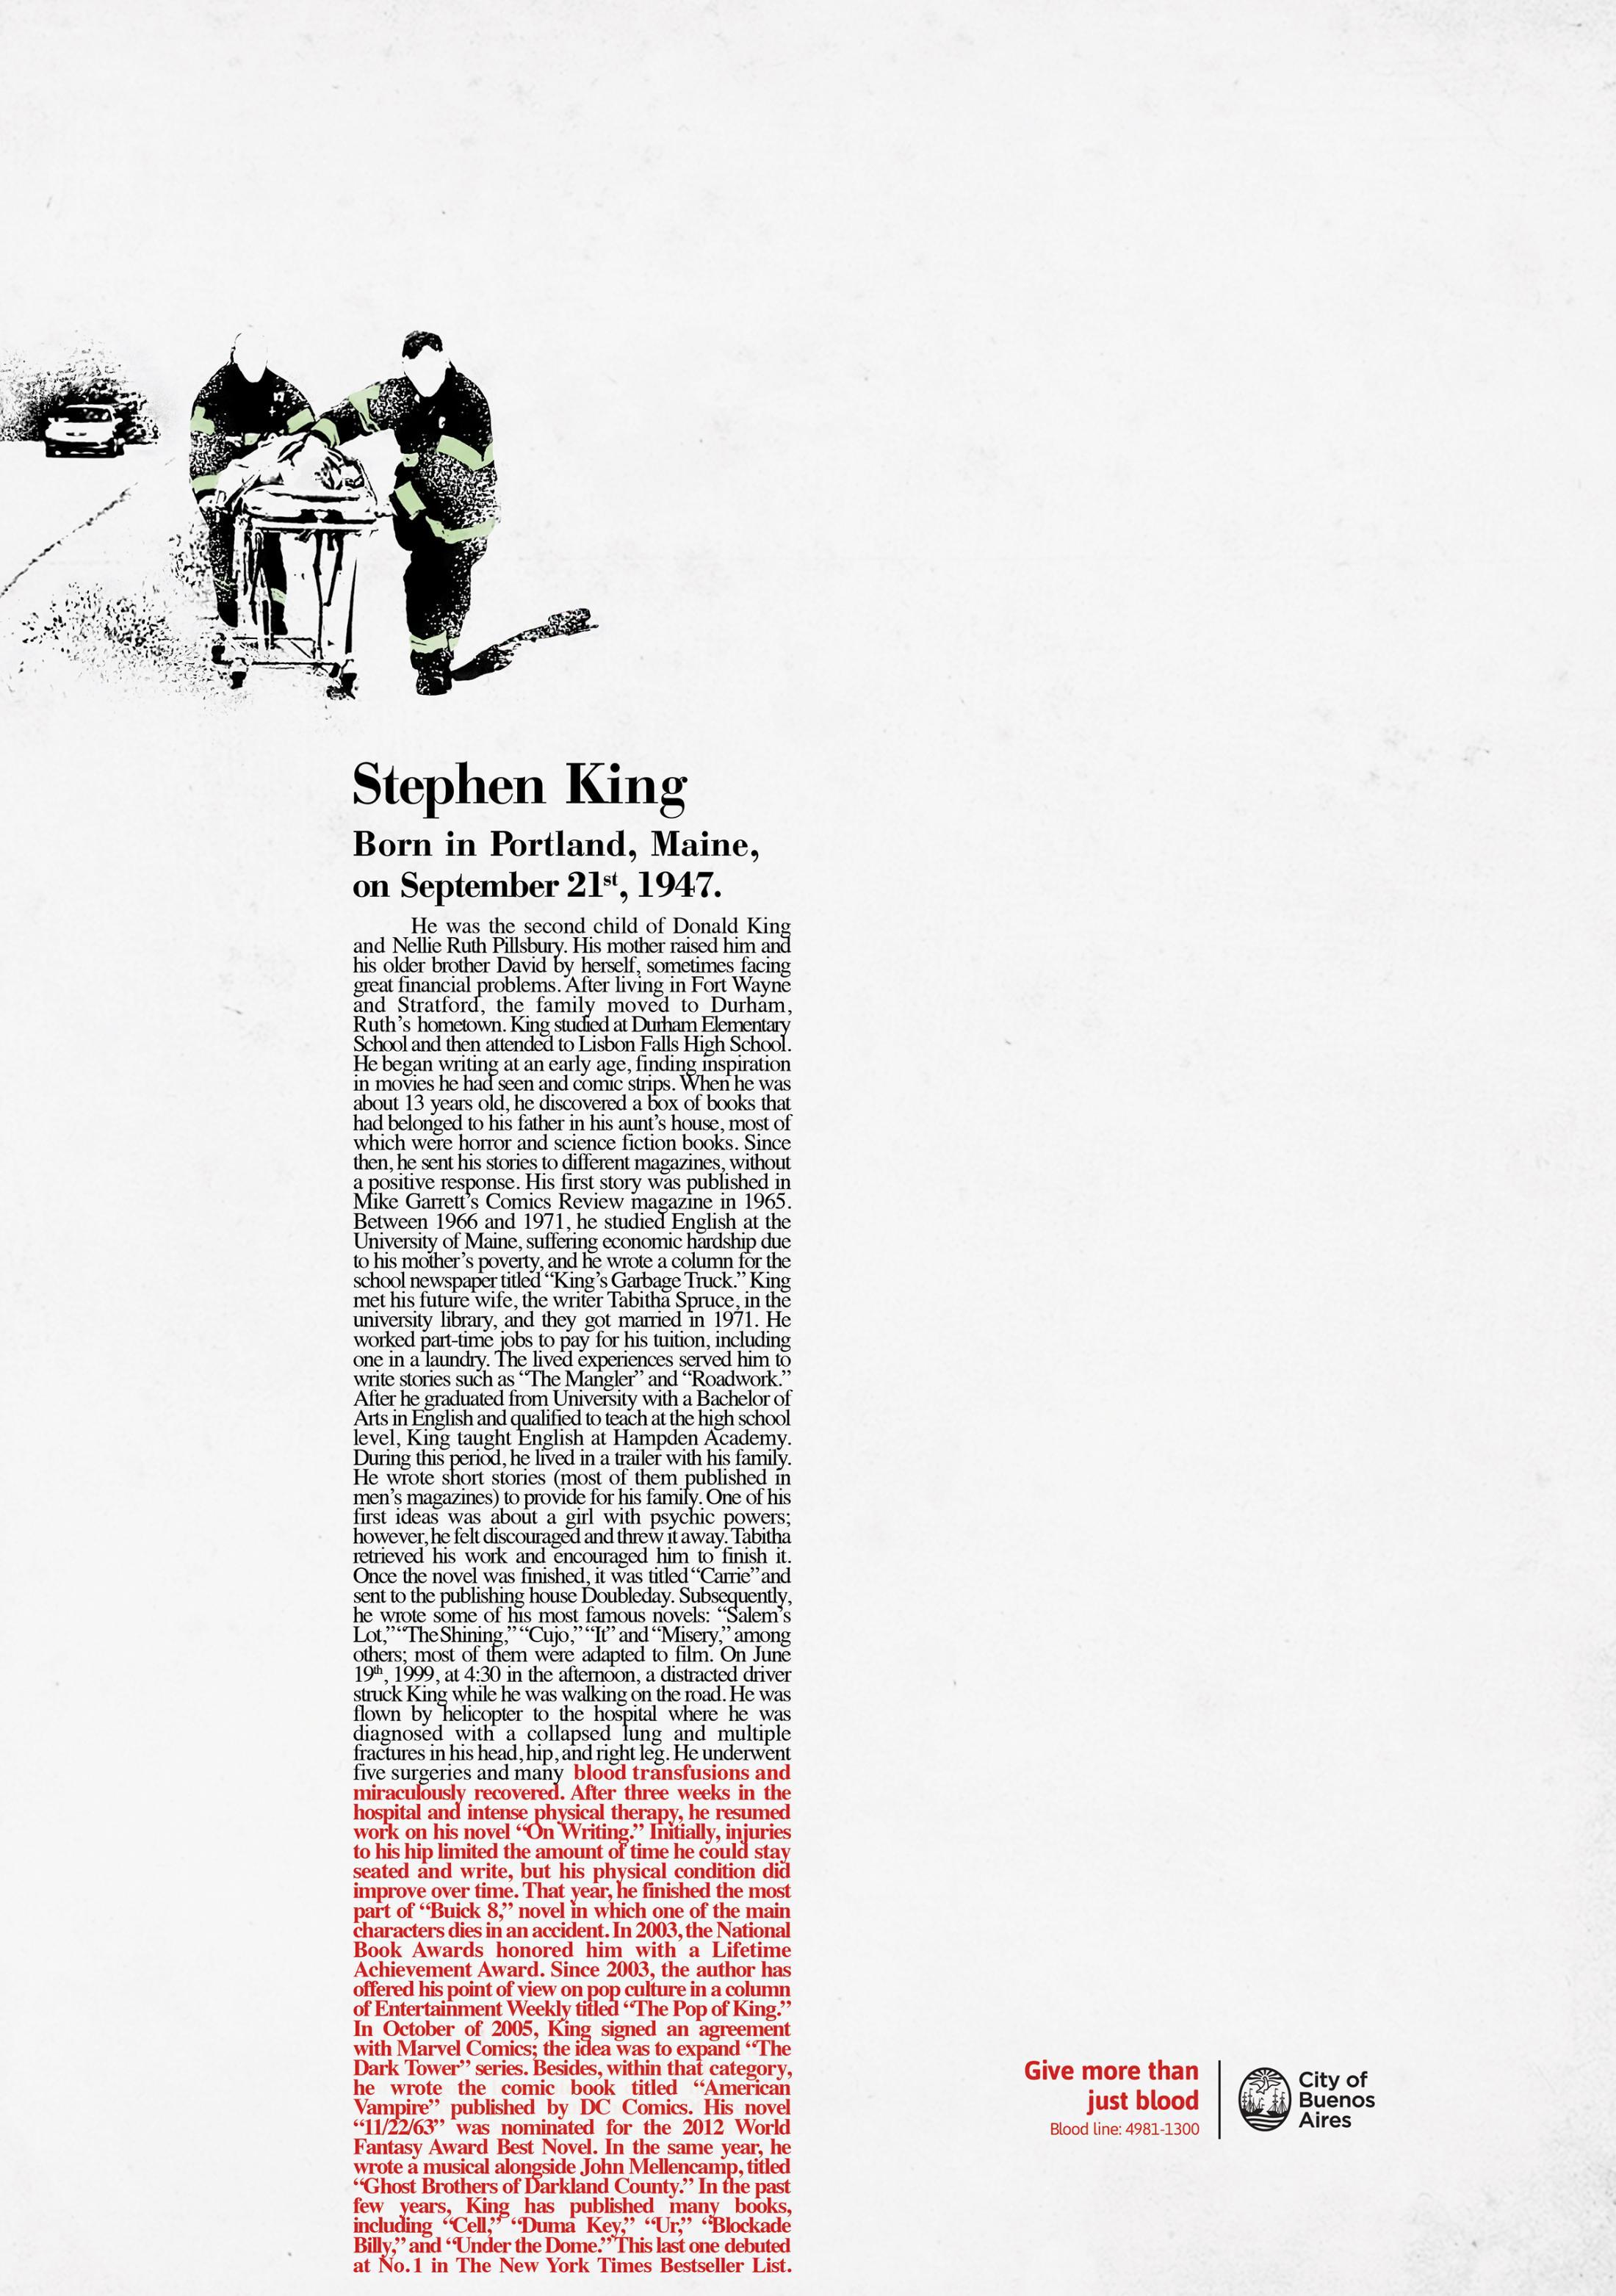 Thumbnail for Stephen King